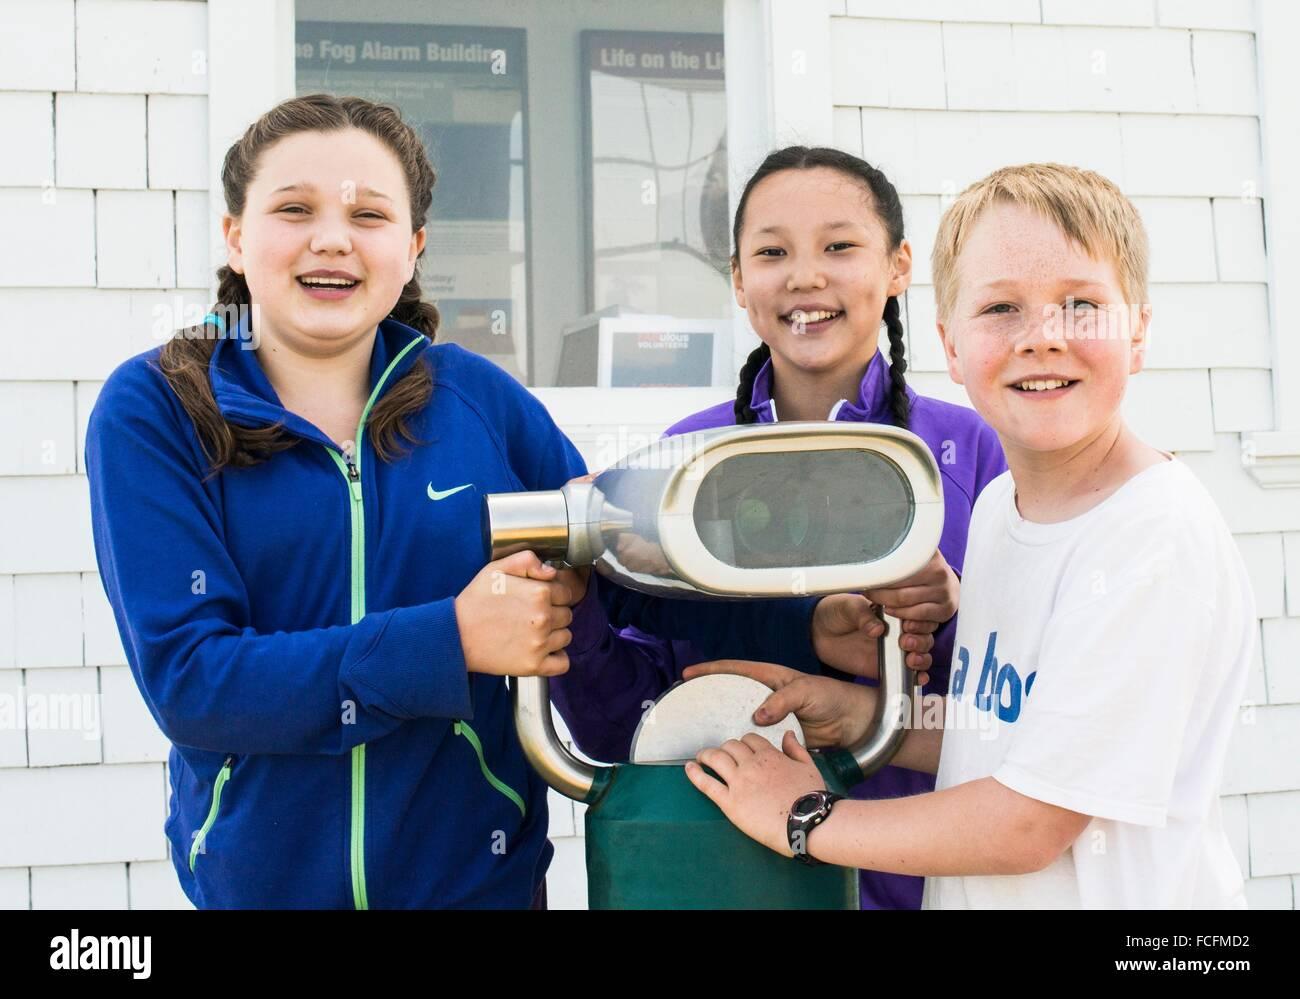 Drei kinder jahre alt mit einem teleskop an der gulf